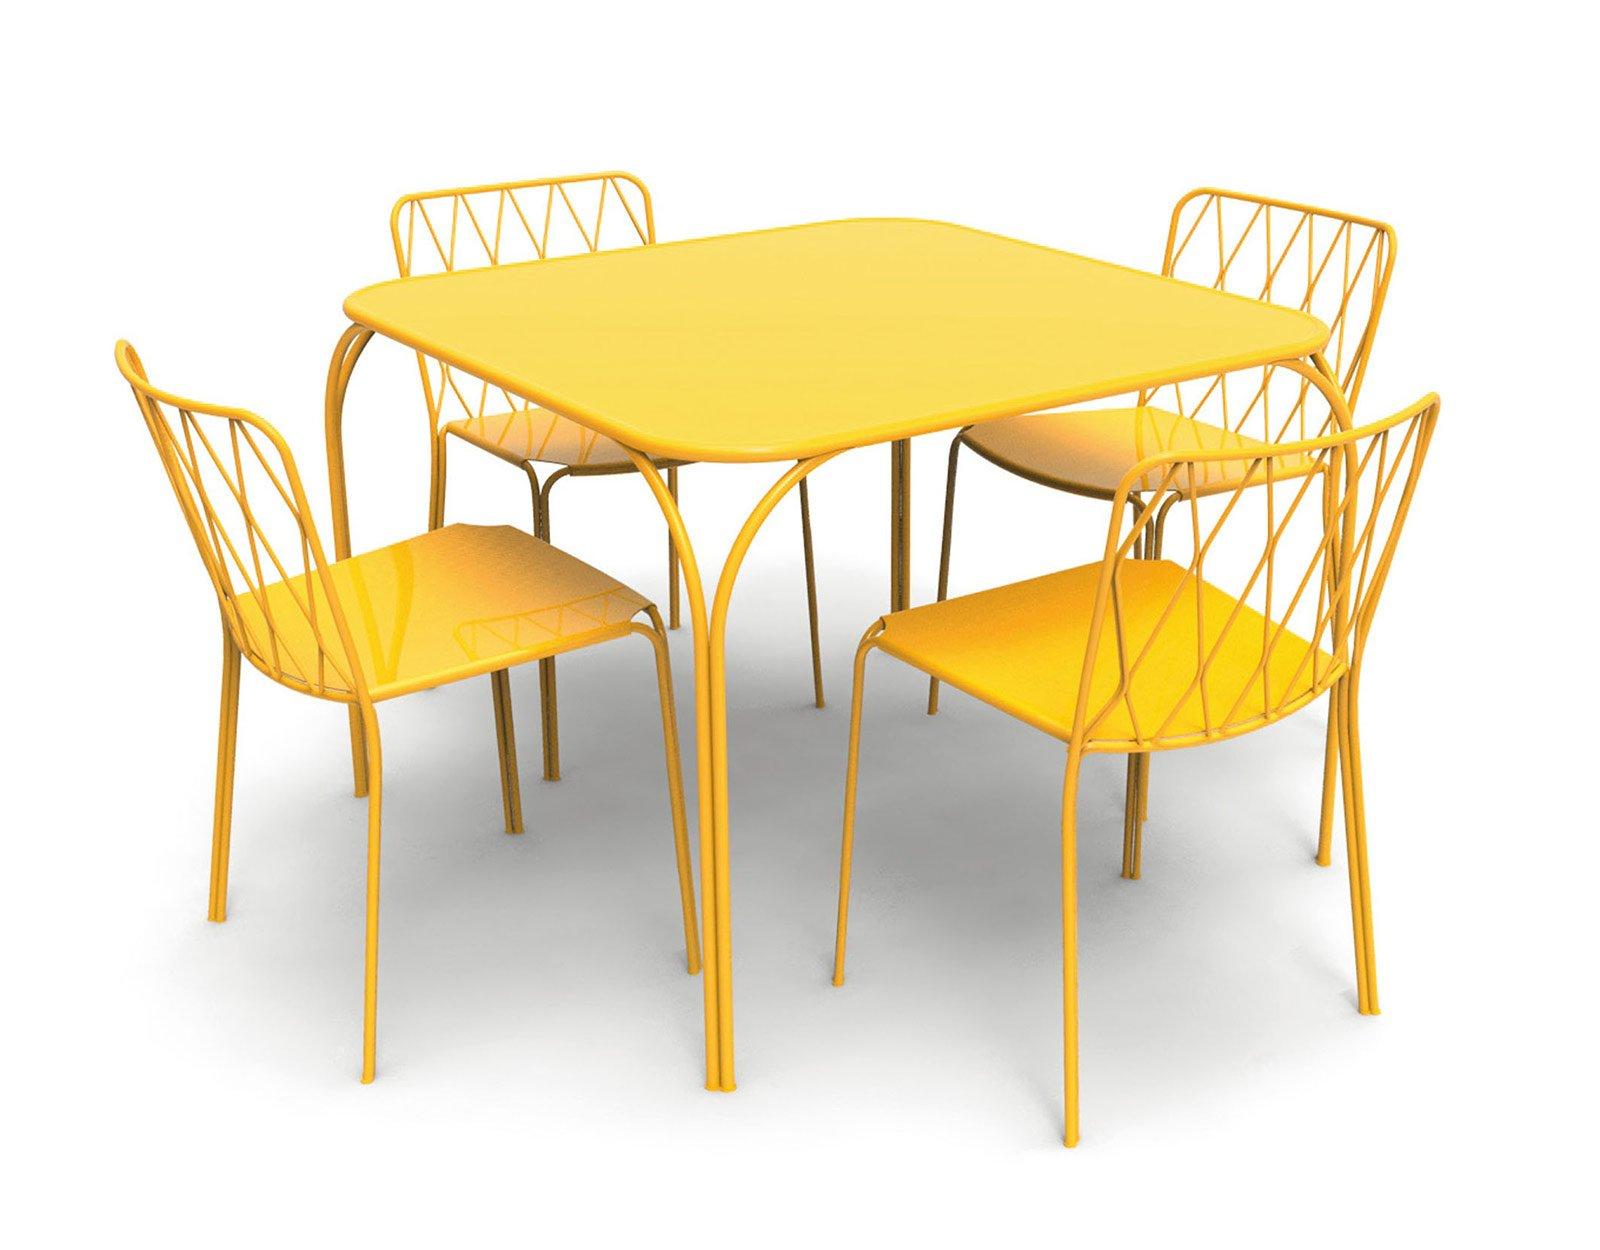 Far salotto in giardino o in terrazzo cose di casa for Tavolo per terrazzo